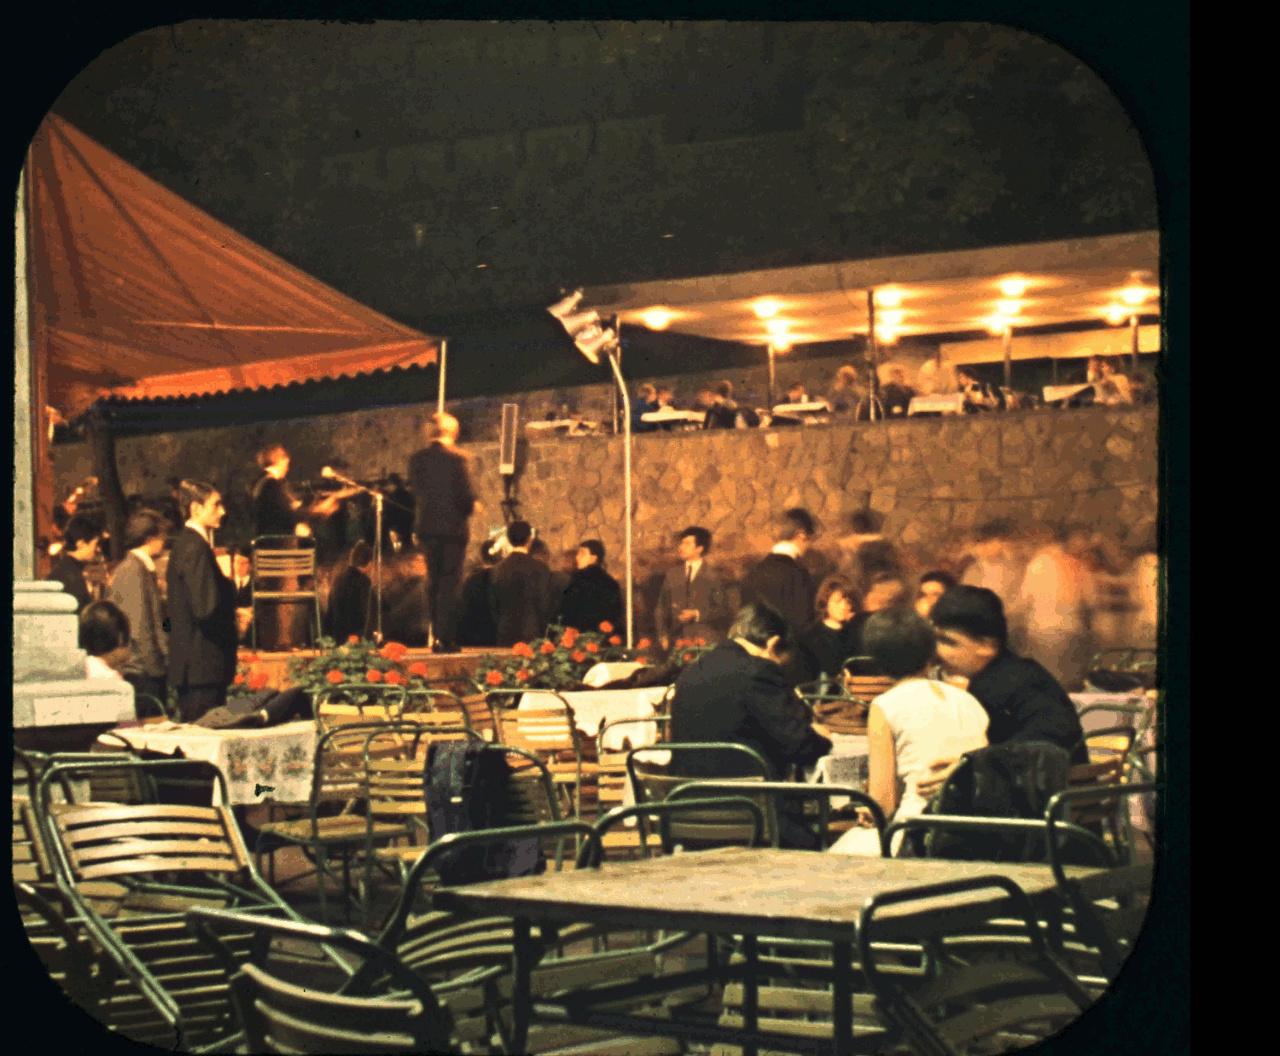 Csendes, iszogatós este az Ifiparkban (Várkert Bazár) élő zenével. Korán van még, sok az üres asztal és szék.